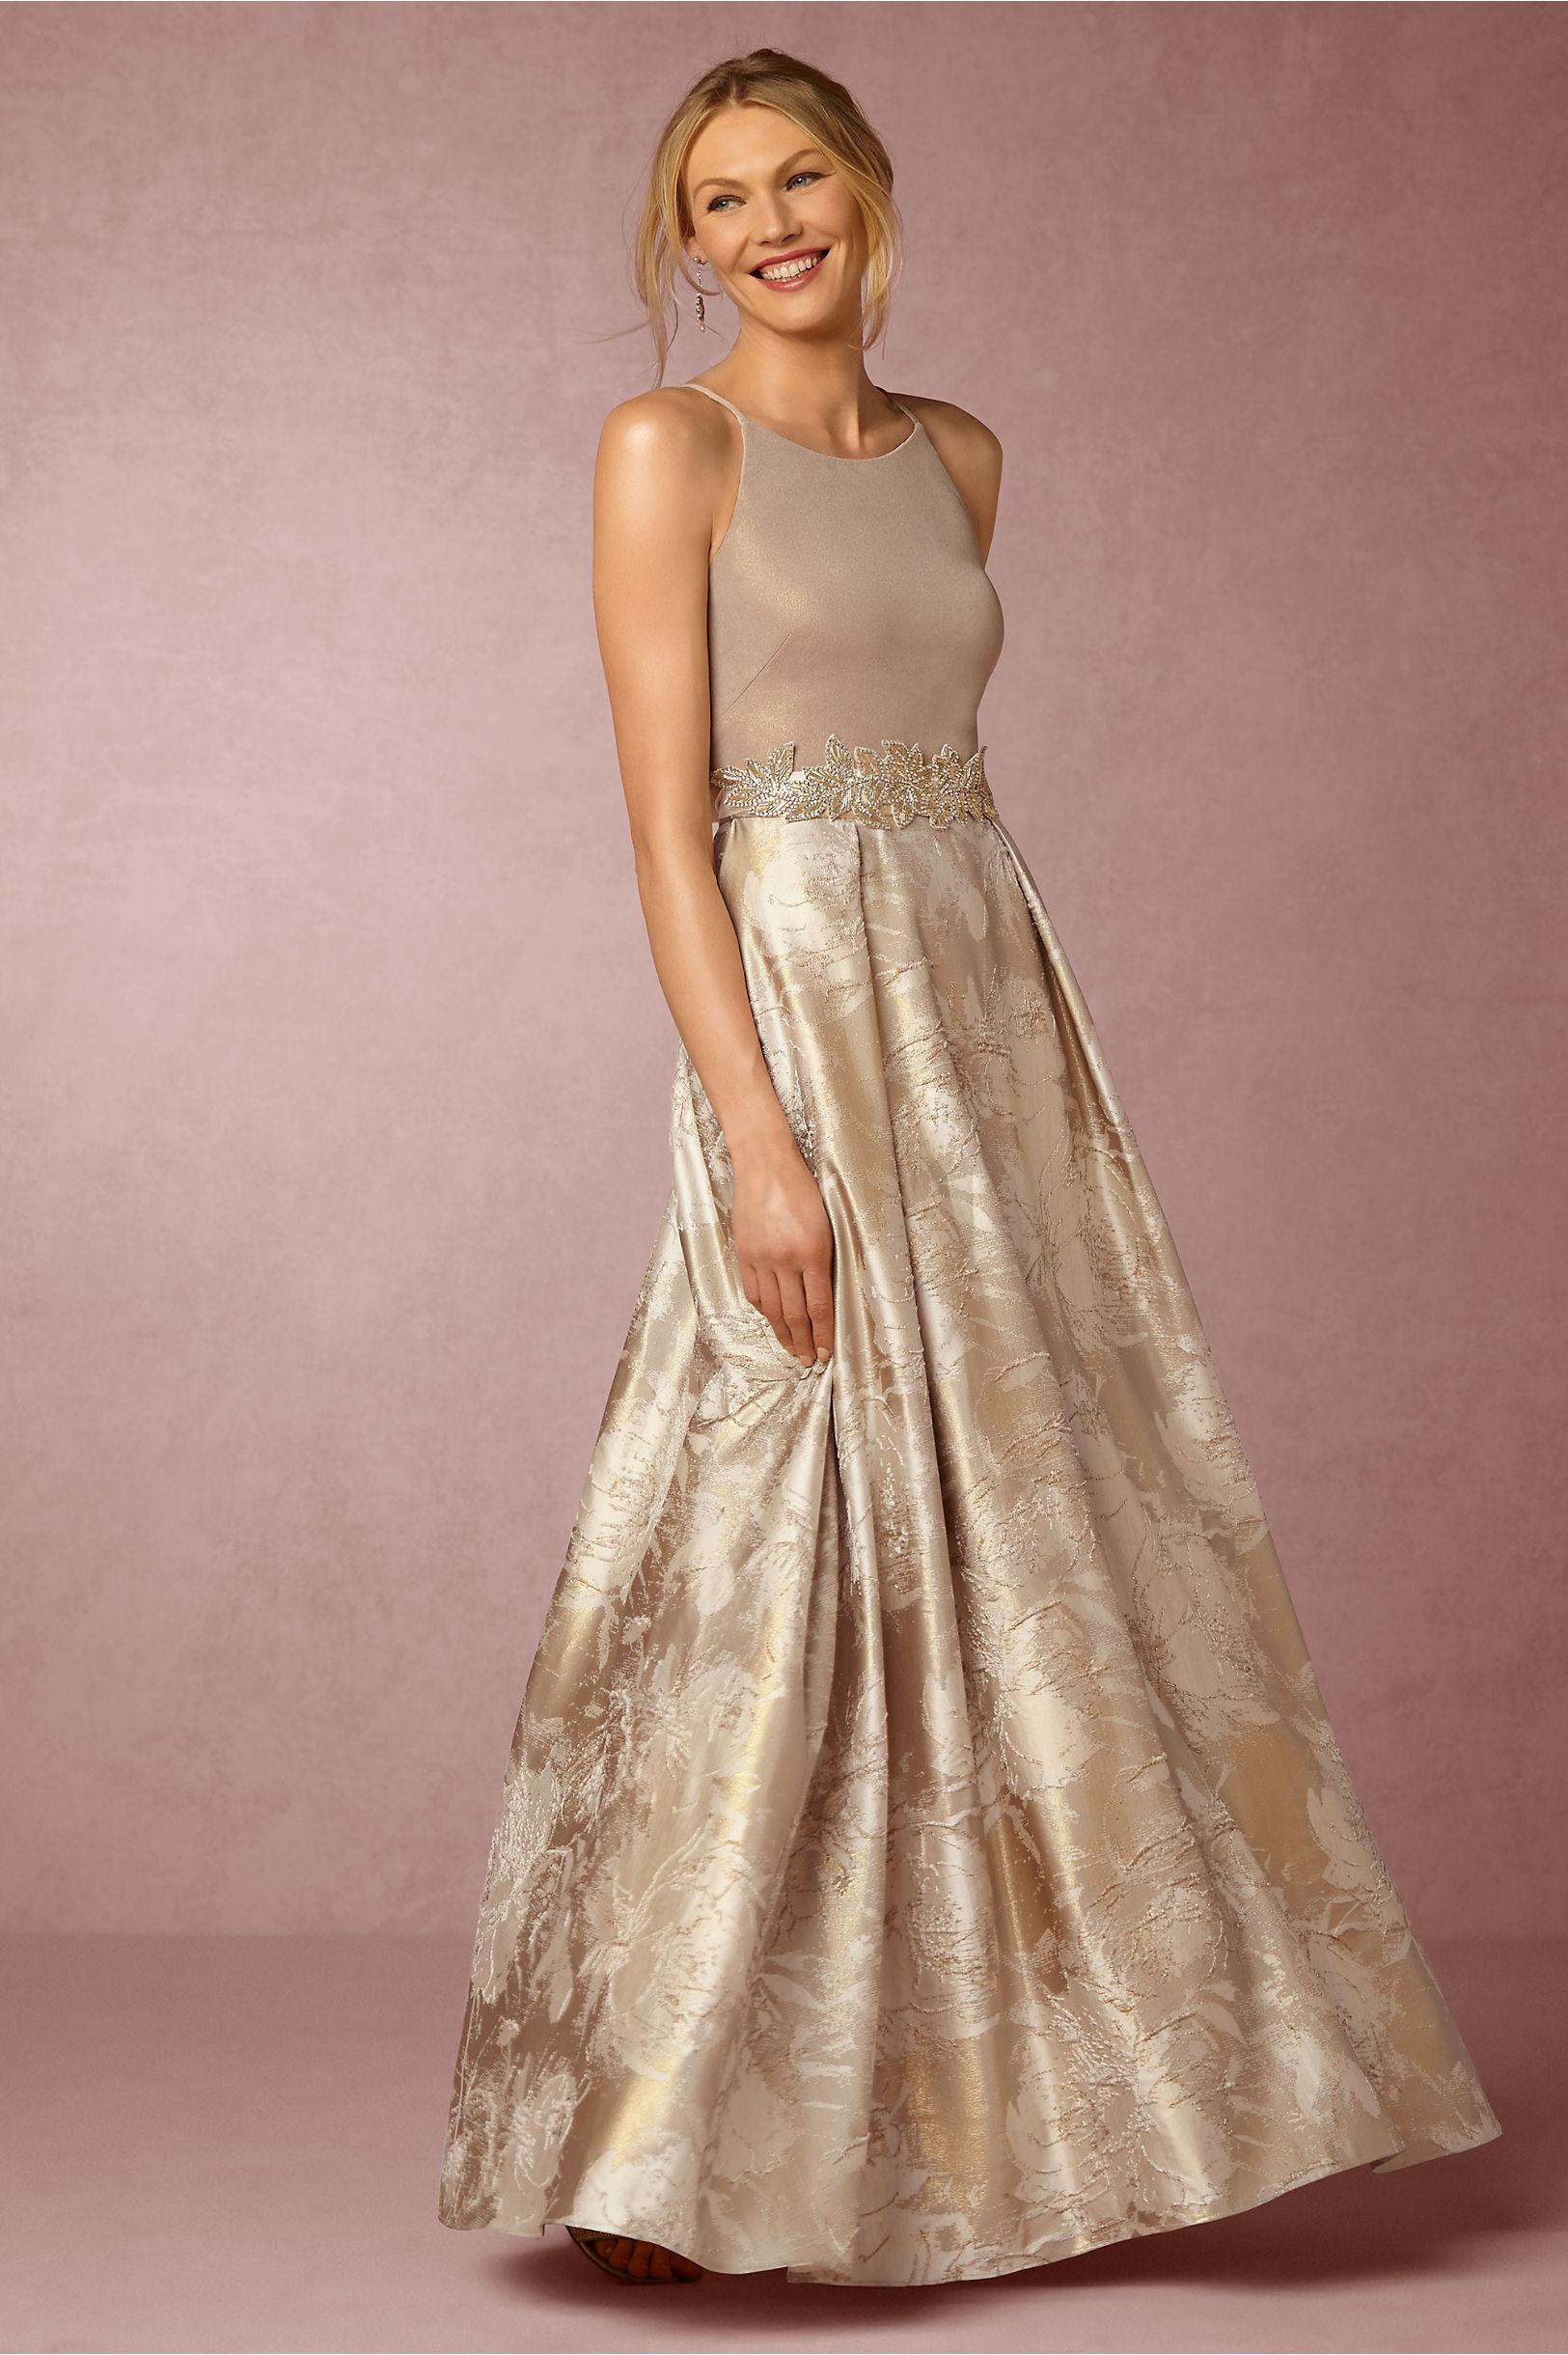 Lizbeth Dress in Sale | BHLDN